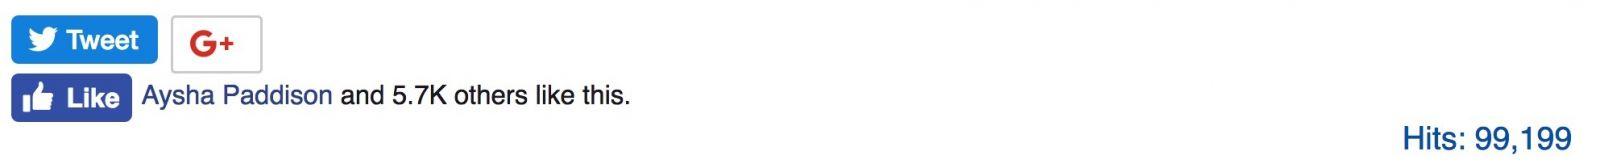 """Дэвид Уилкок. Космическое Раскрытие: """"Потрясающие новые брифинги: Массовые обвинения, целевые аресты и Раскрытие"""" 387_7"""